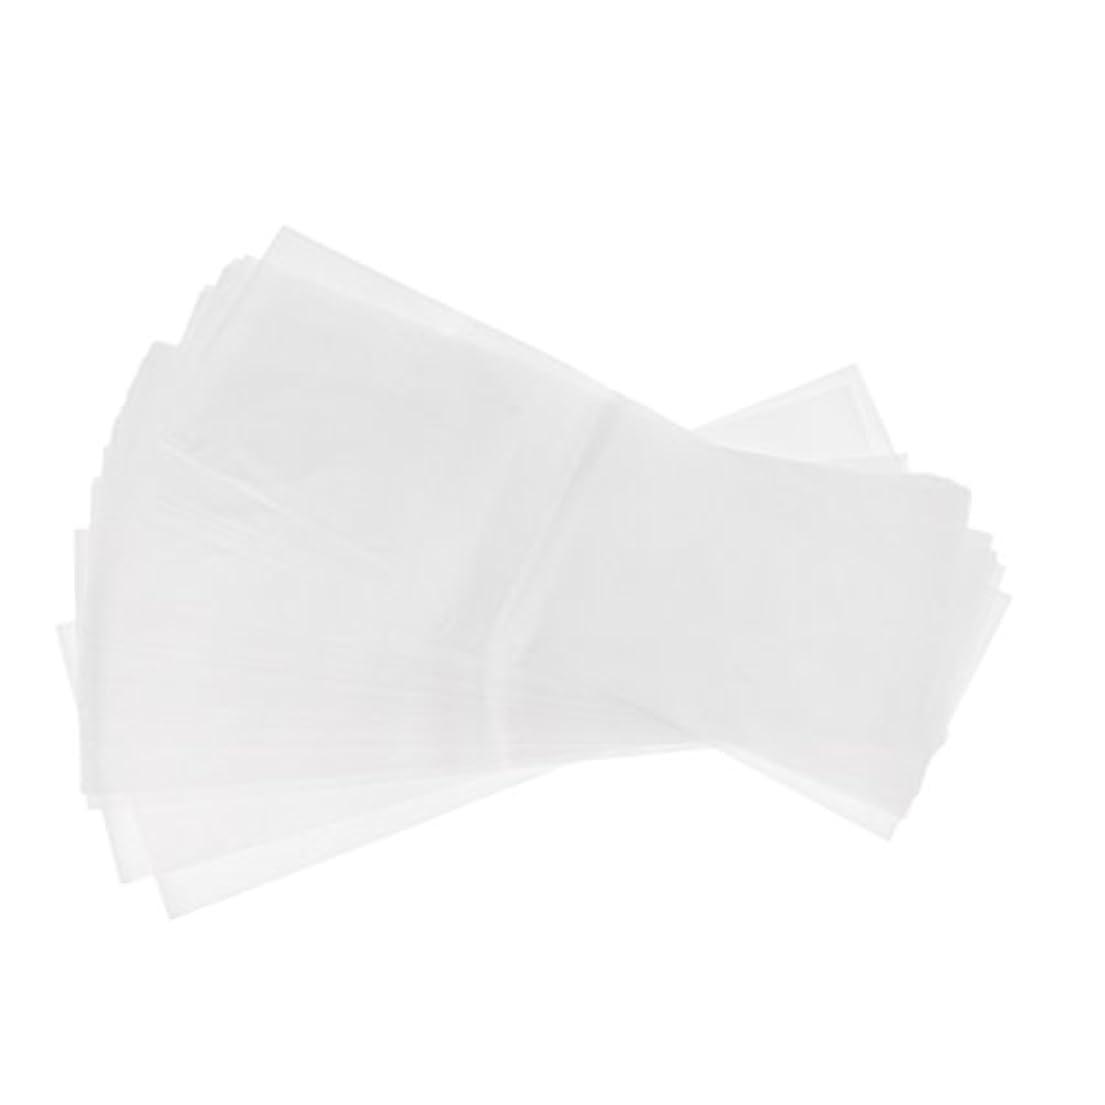 ストレスコンサートパンサーPerfk 約50枚 プラスチック製 染毛紙 ハイライトシート サロン ヘア染めツール 再利用可能  髪染め 2タイプ選べ - ホワイト